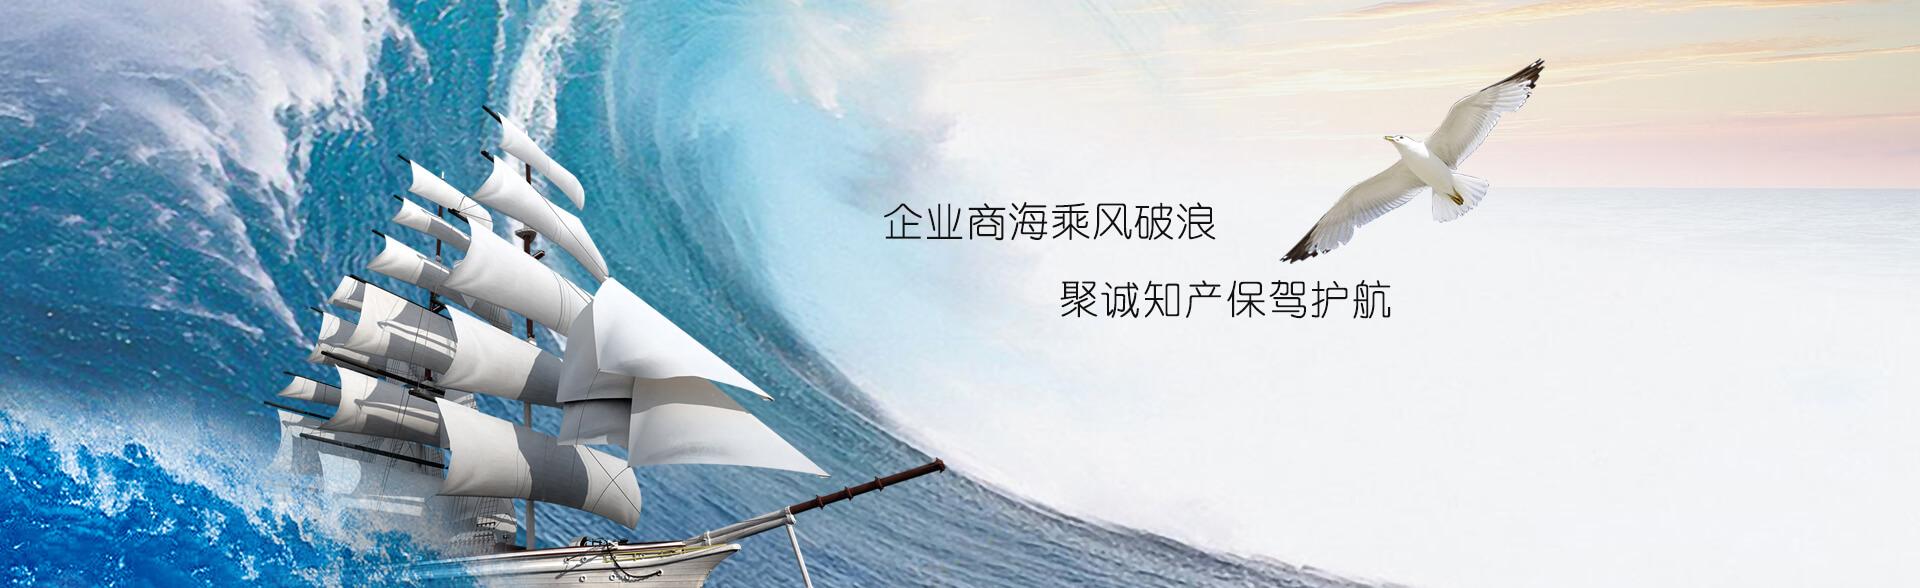 西安商标注册,西安专利申请_公司企业文化之活动掠影二----------两日游_第四张图片